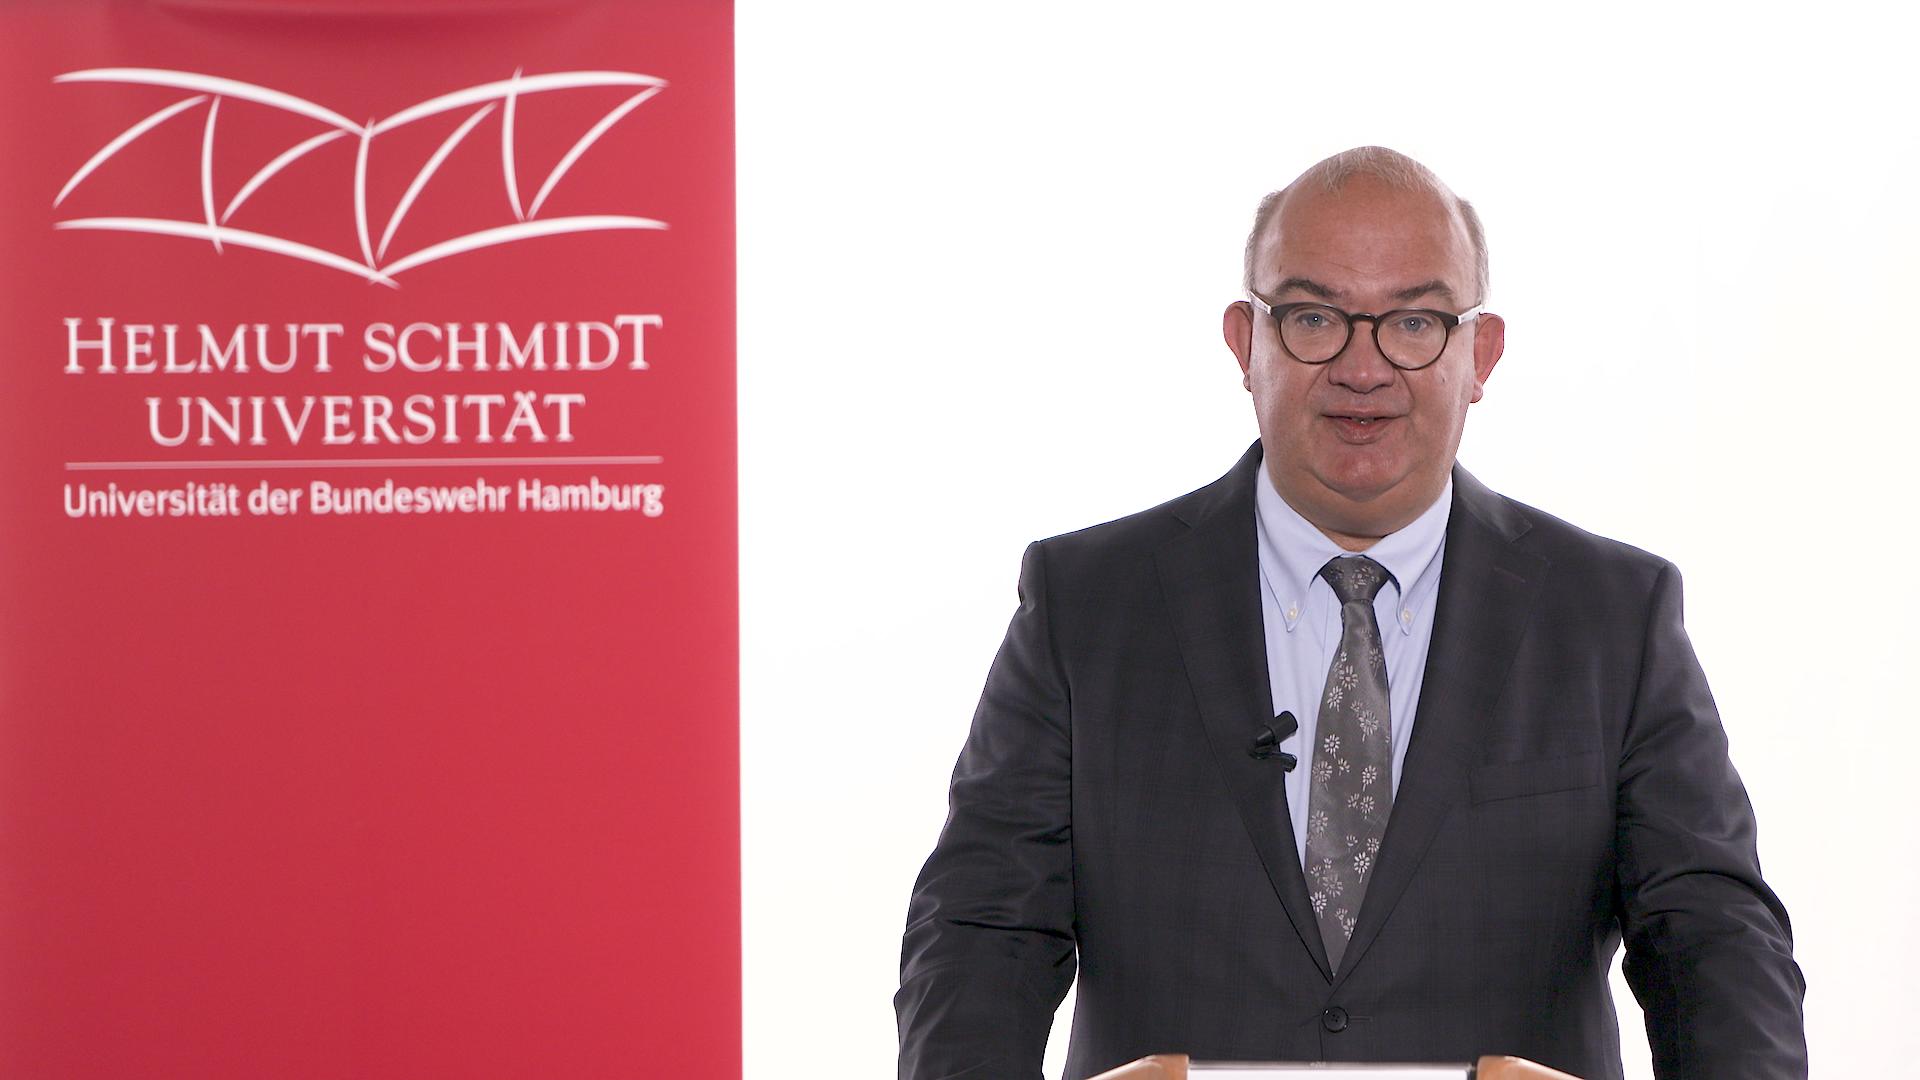 COVID-19-Shutdown der HSU: Videobotschaft des Universitätspräsidenten vom 07.07.2020